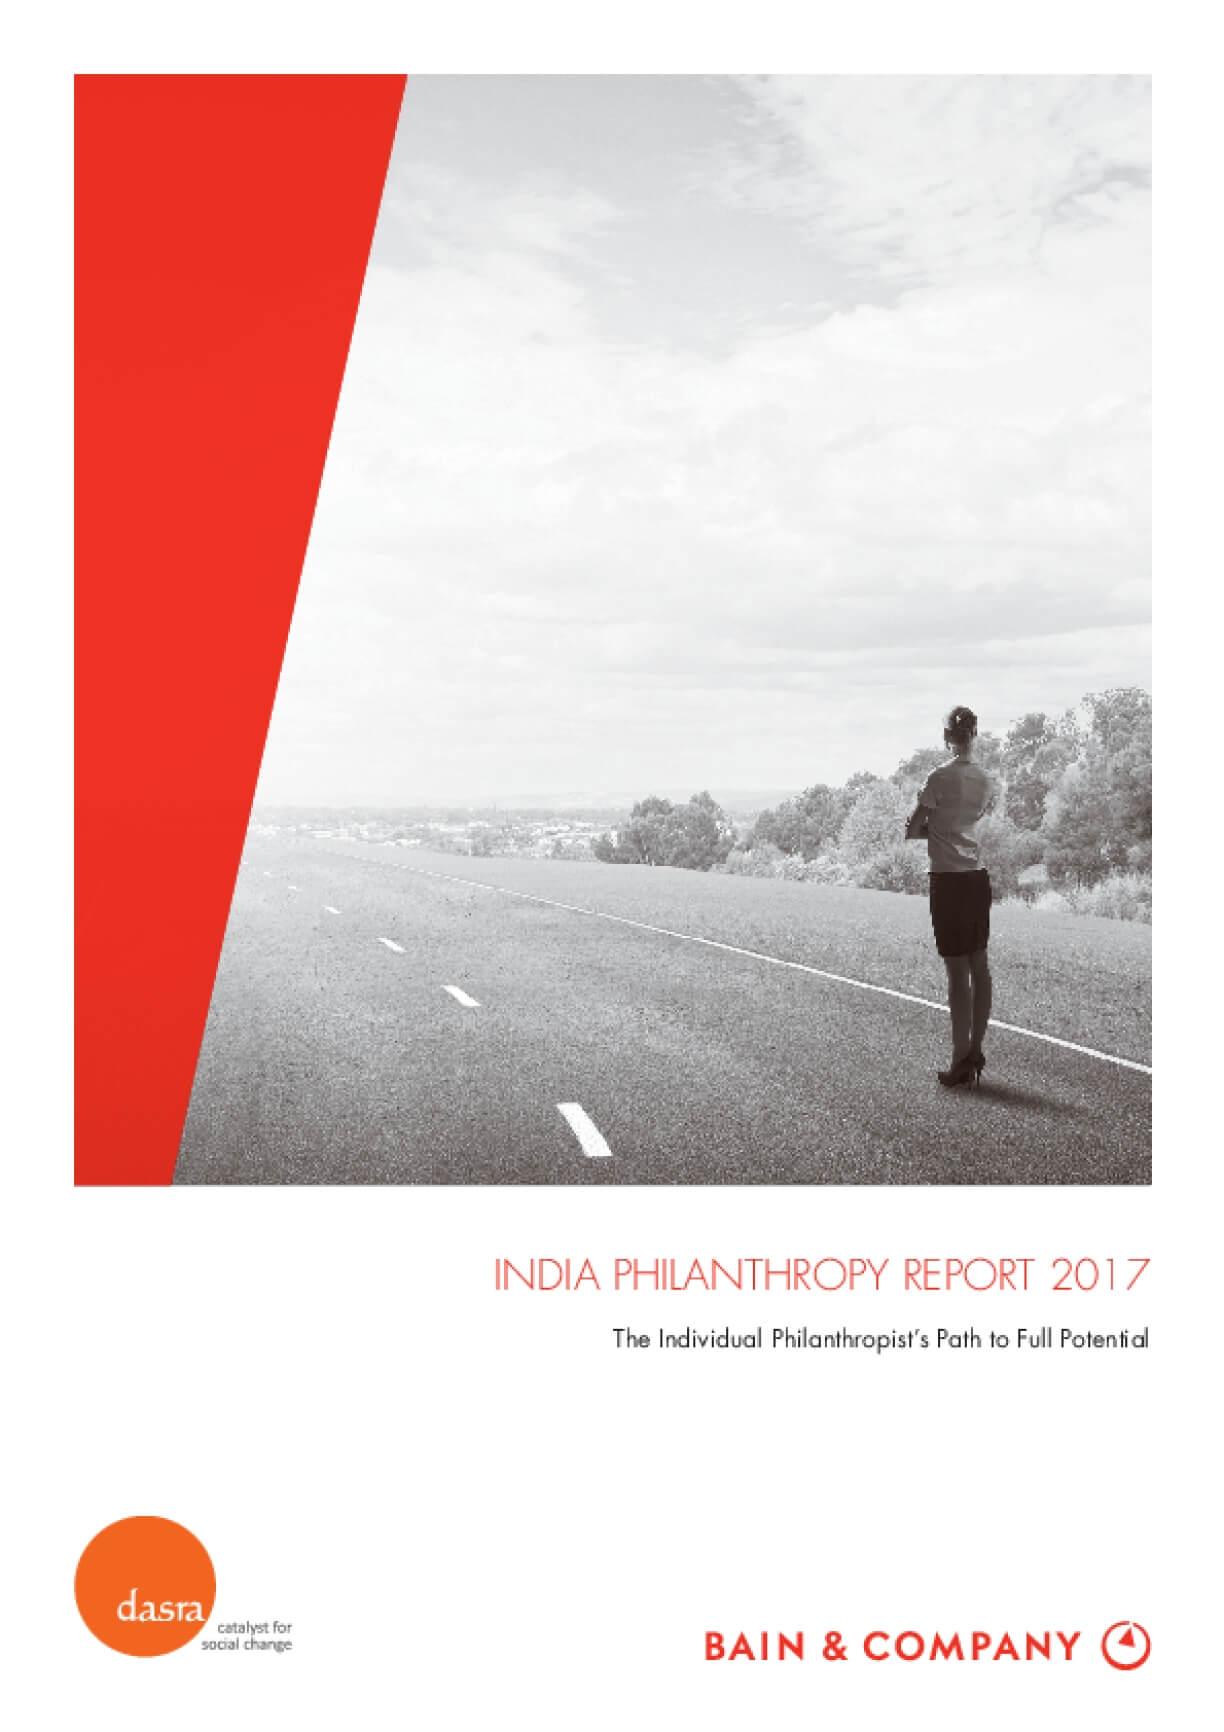 India Philanthropy Report 2017